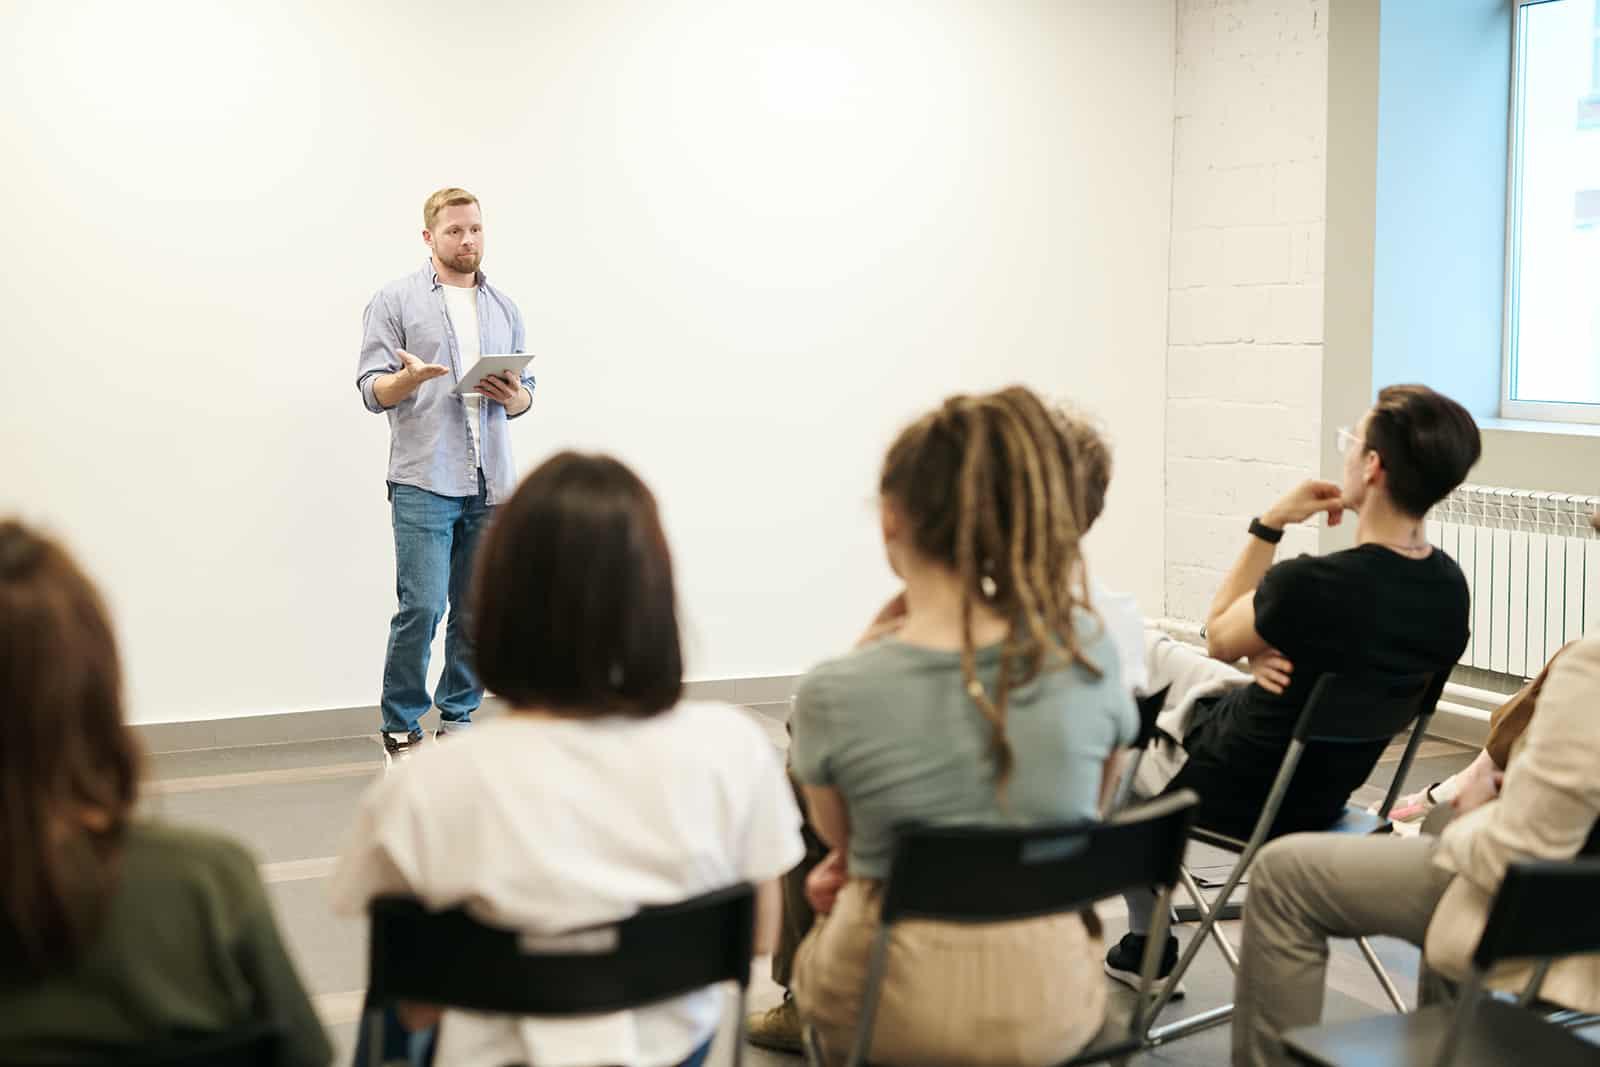 Eine Gruppe von Menschen hört sich einen Vortrag an, während ein Mann vor ihnen spricht